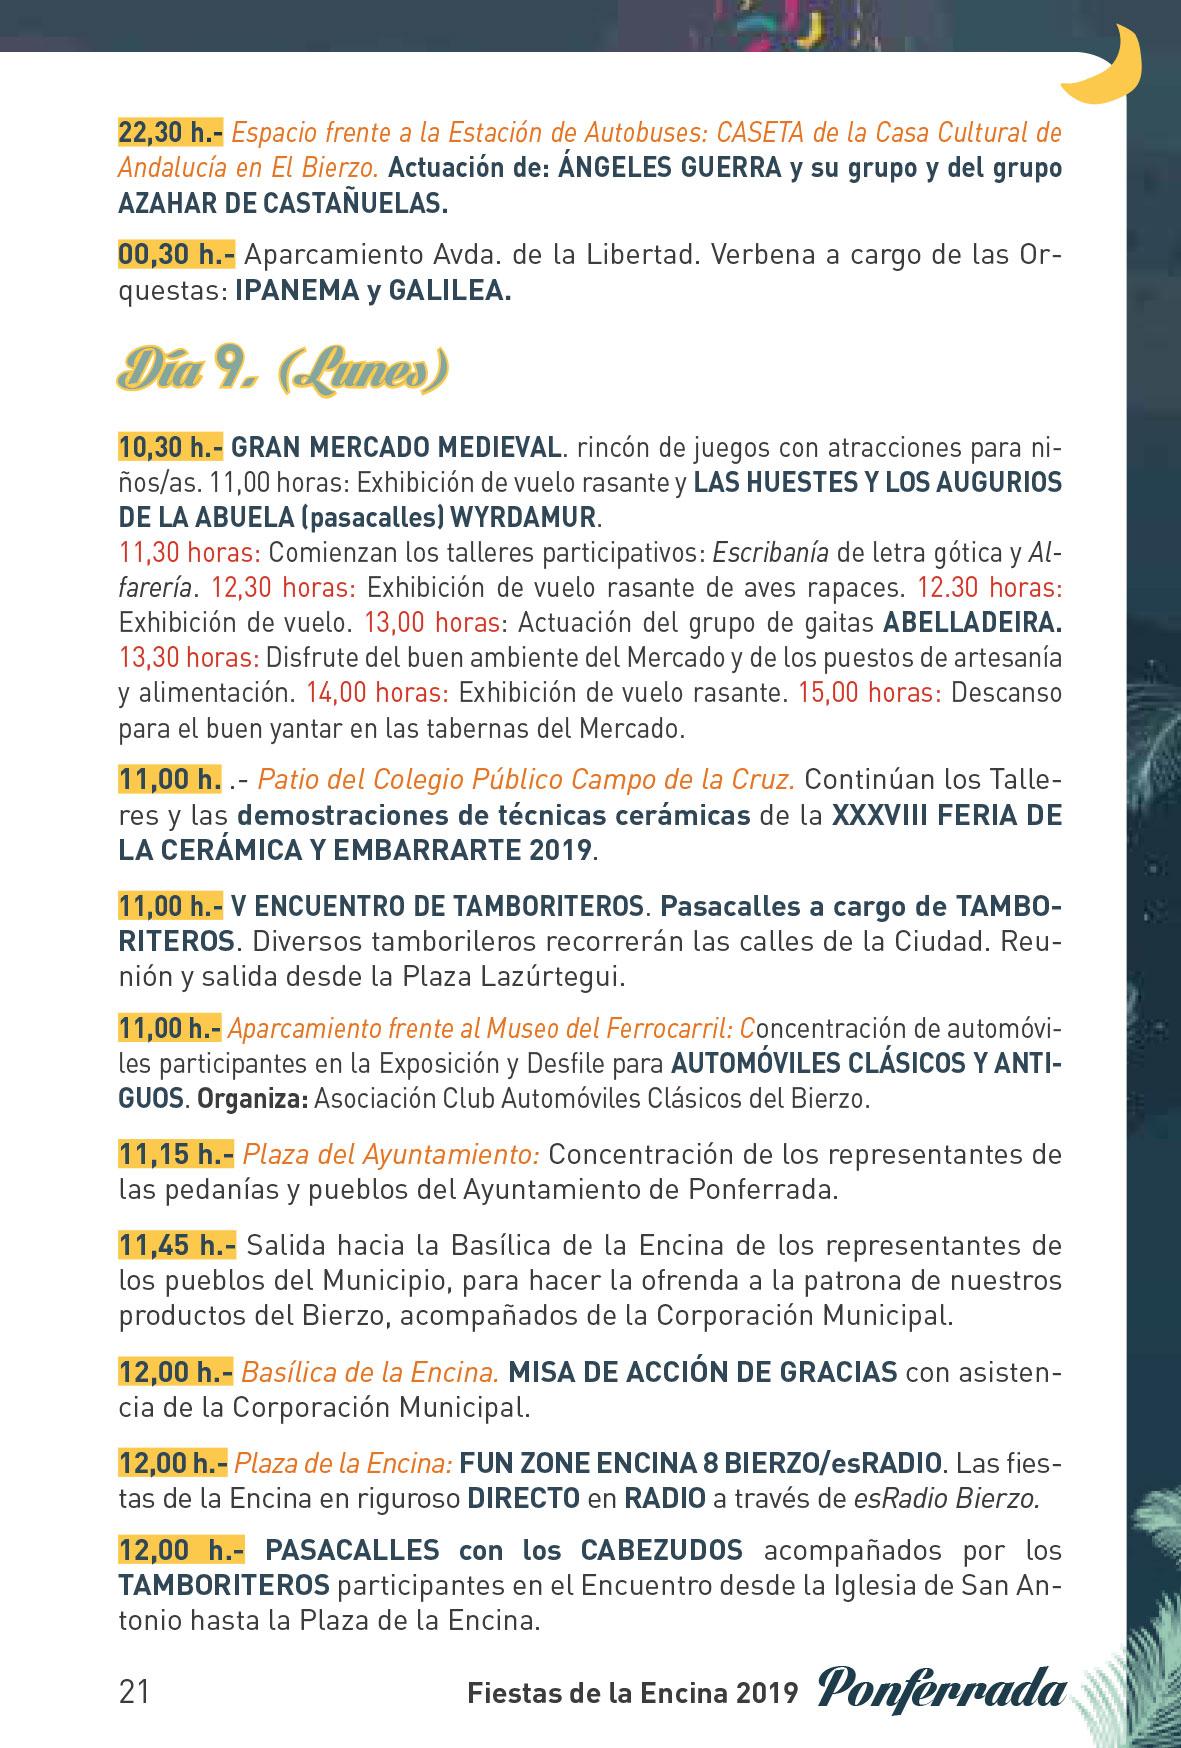 Fiestas de la Encina 2019. Programa y actividades 21